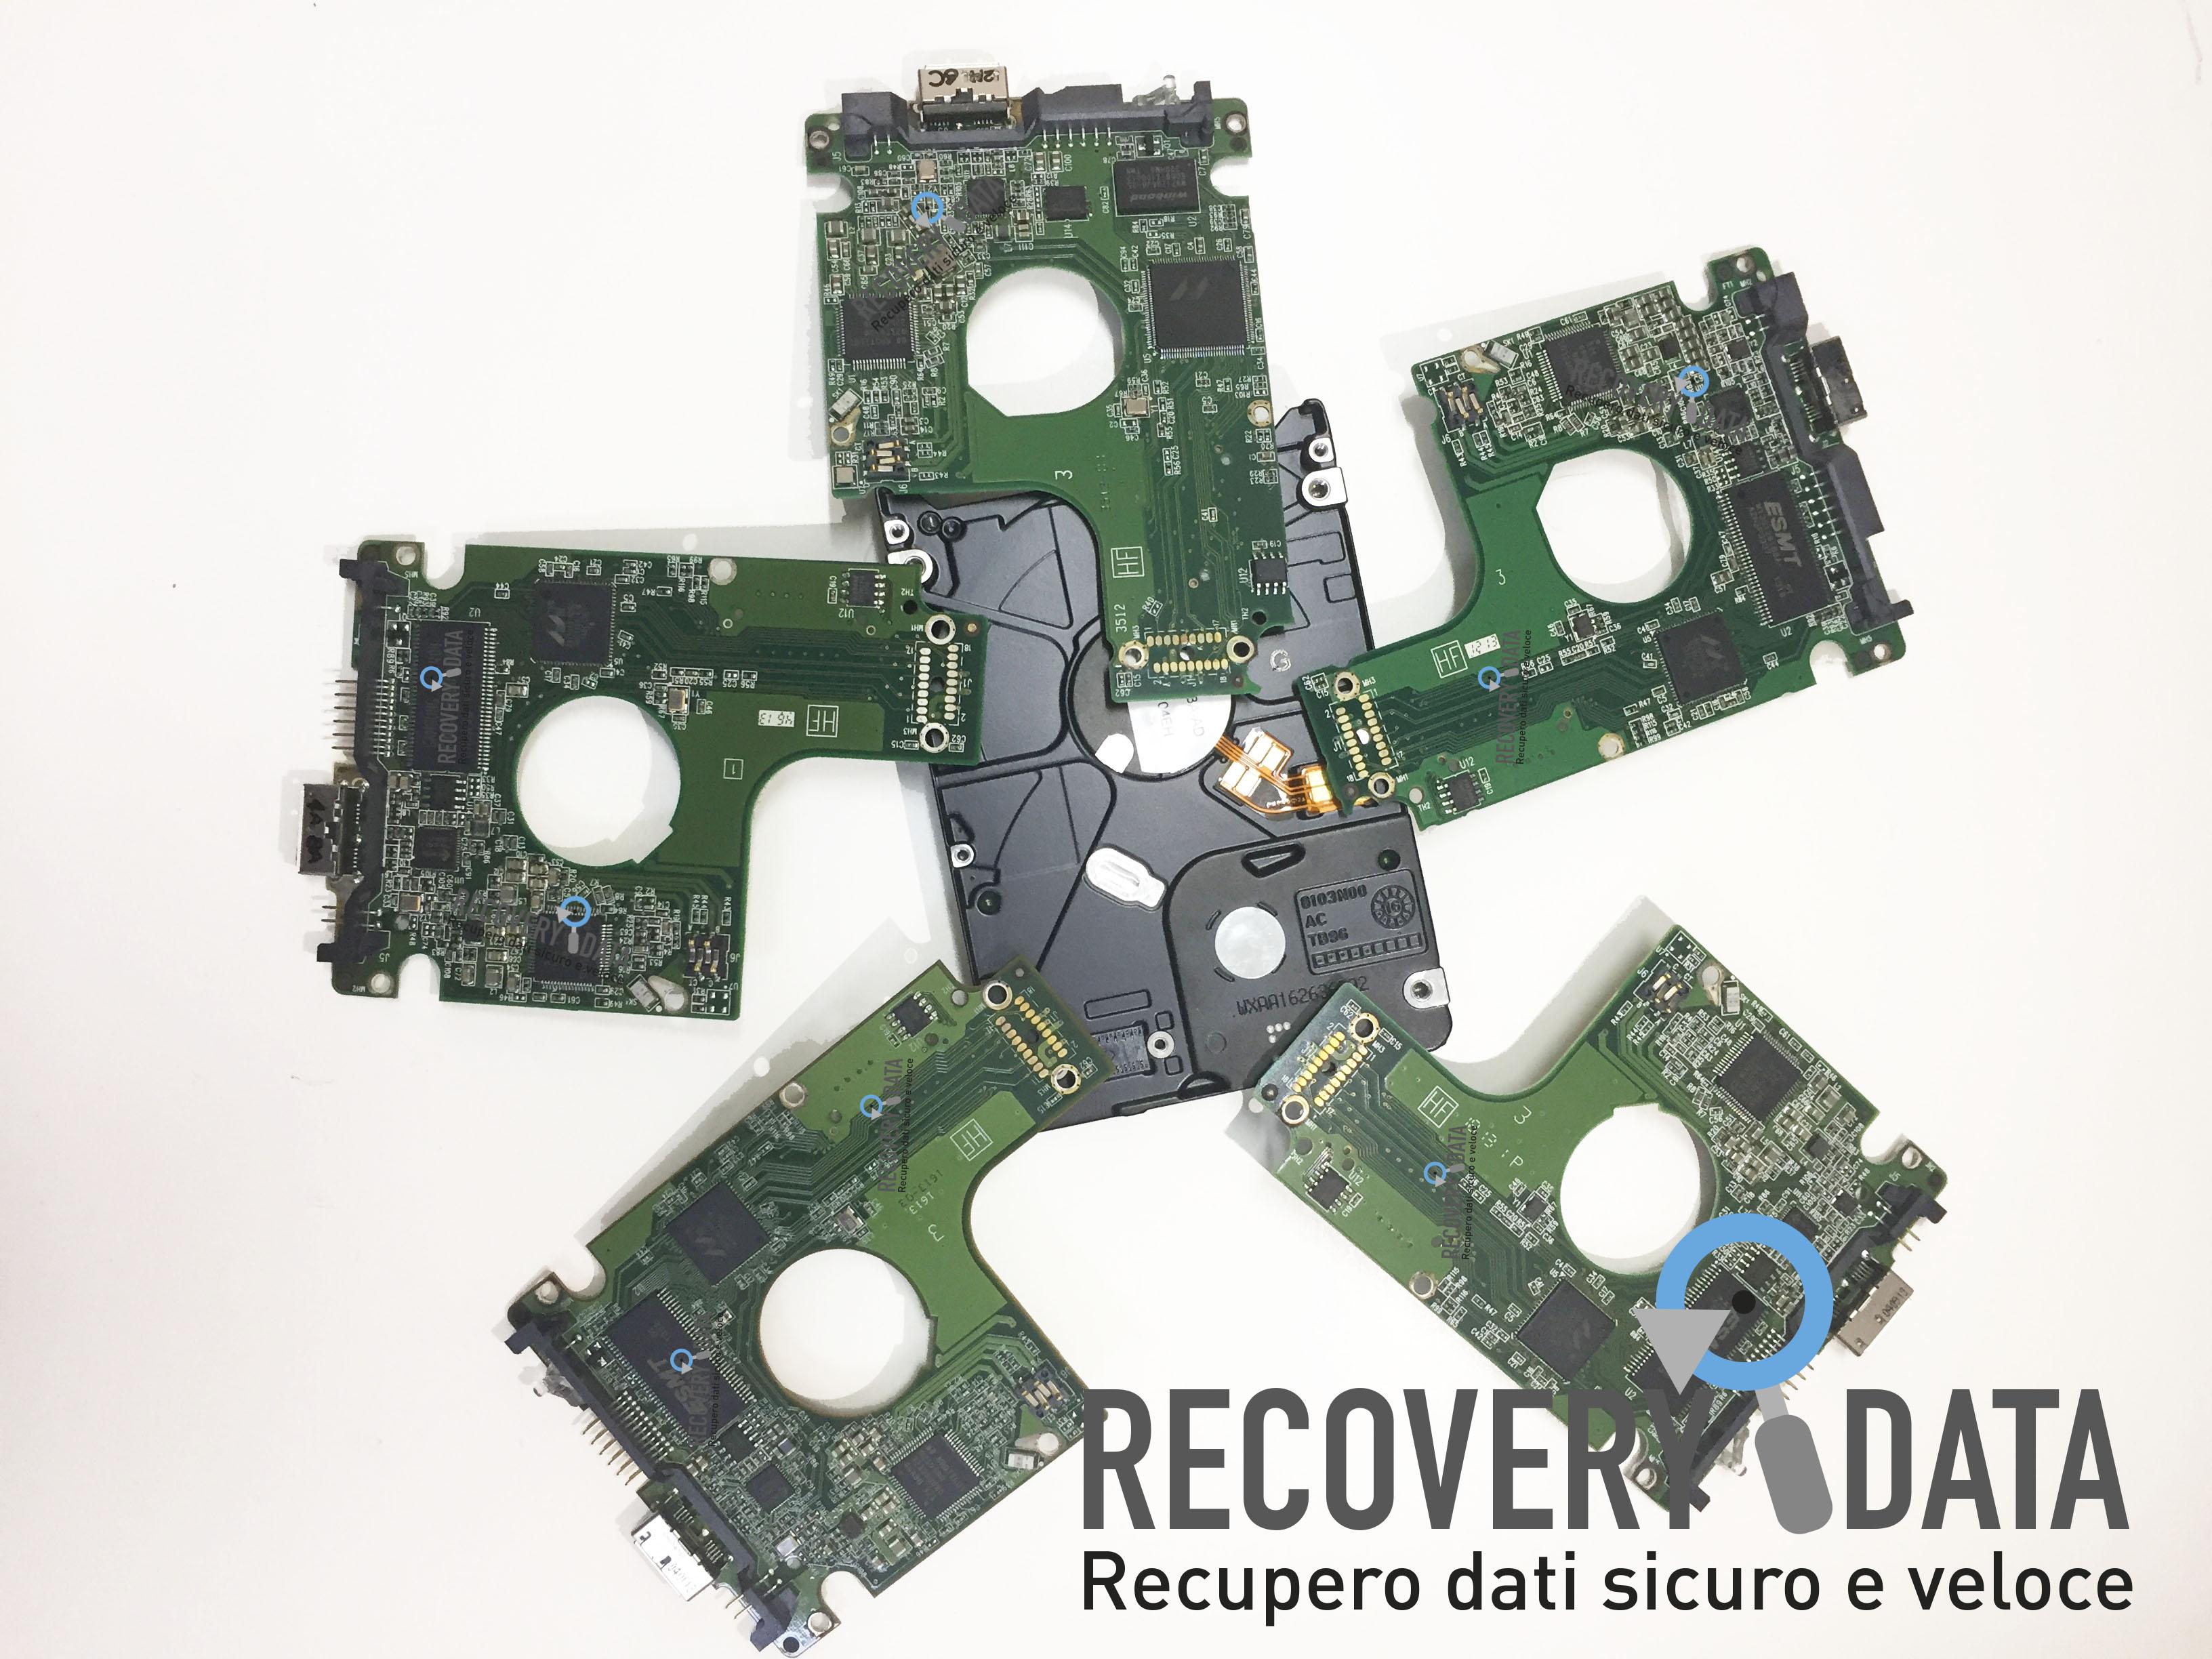 recupero dati hard disk con pcb scambiata